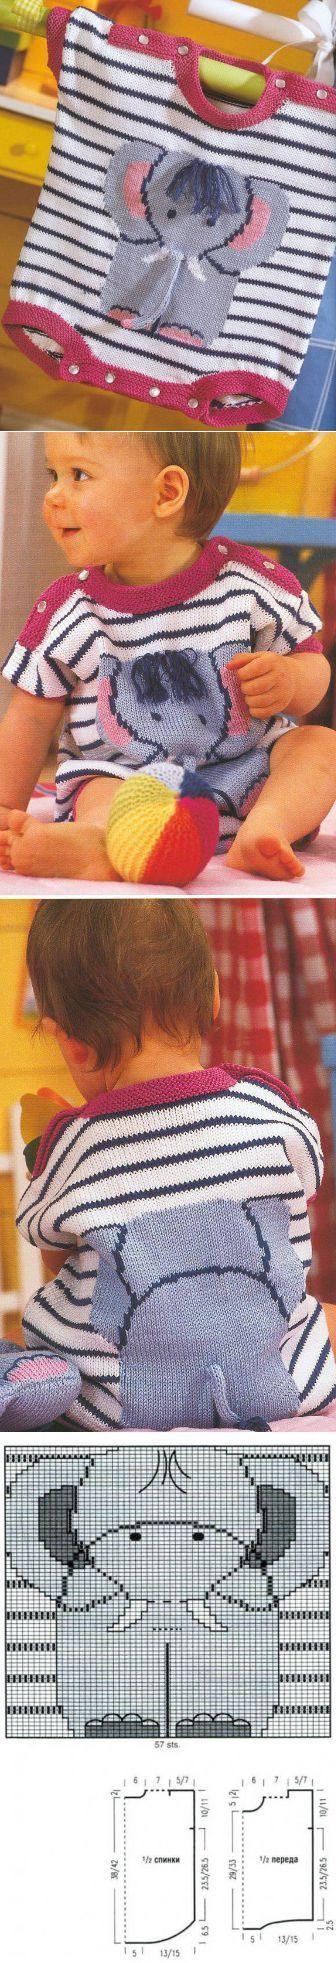 fil / Çocuk şapka, eşarp, patik, kitleri - bebek için örgü yaz kombenizonchik.  çocuklar için şiir, bulmaca, yaratıcılık ve sanat sınıfları - Çocuk Örgü ve tığ işi / Yozhka için dikiş ve örgü